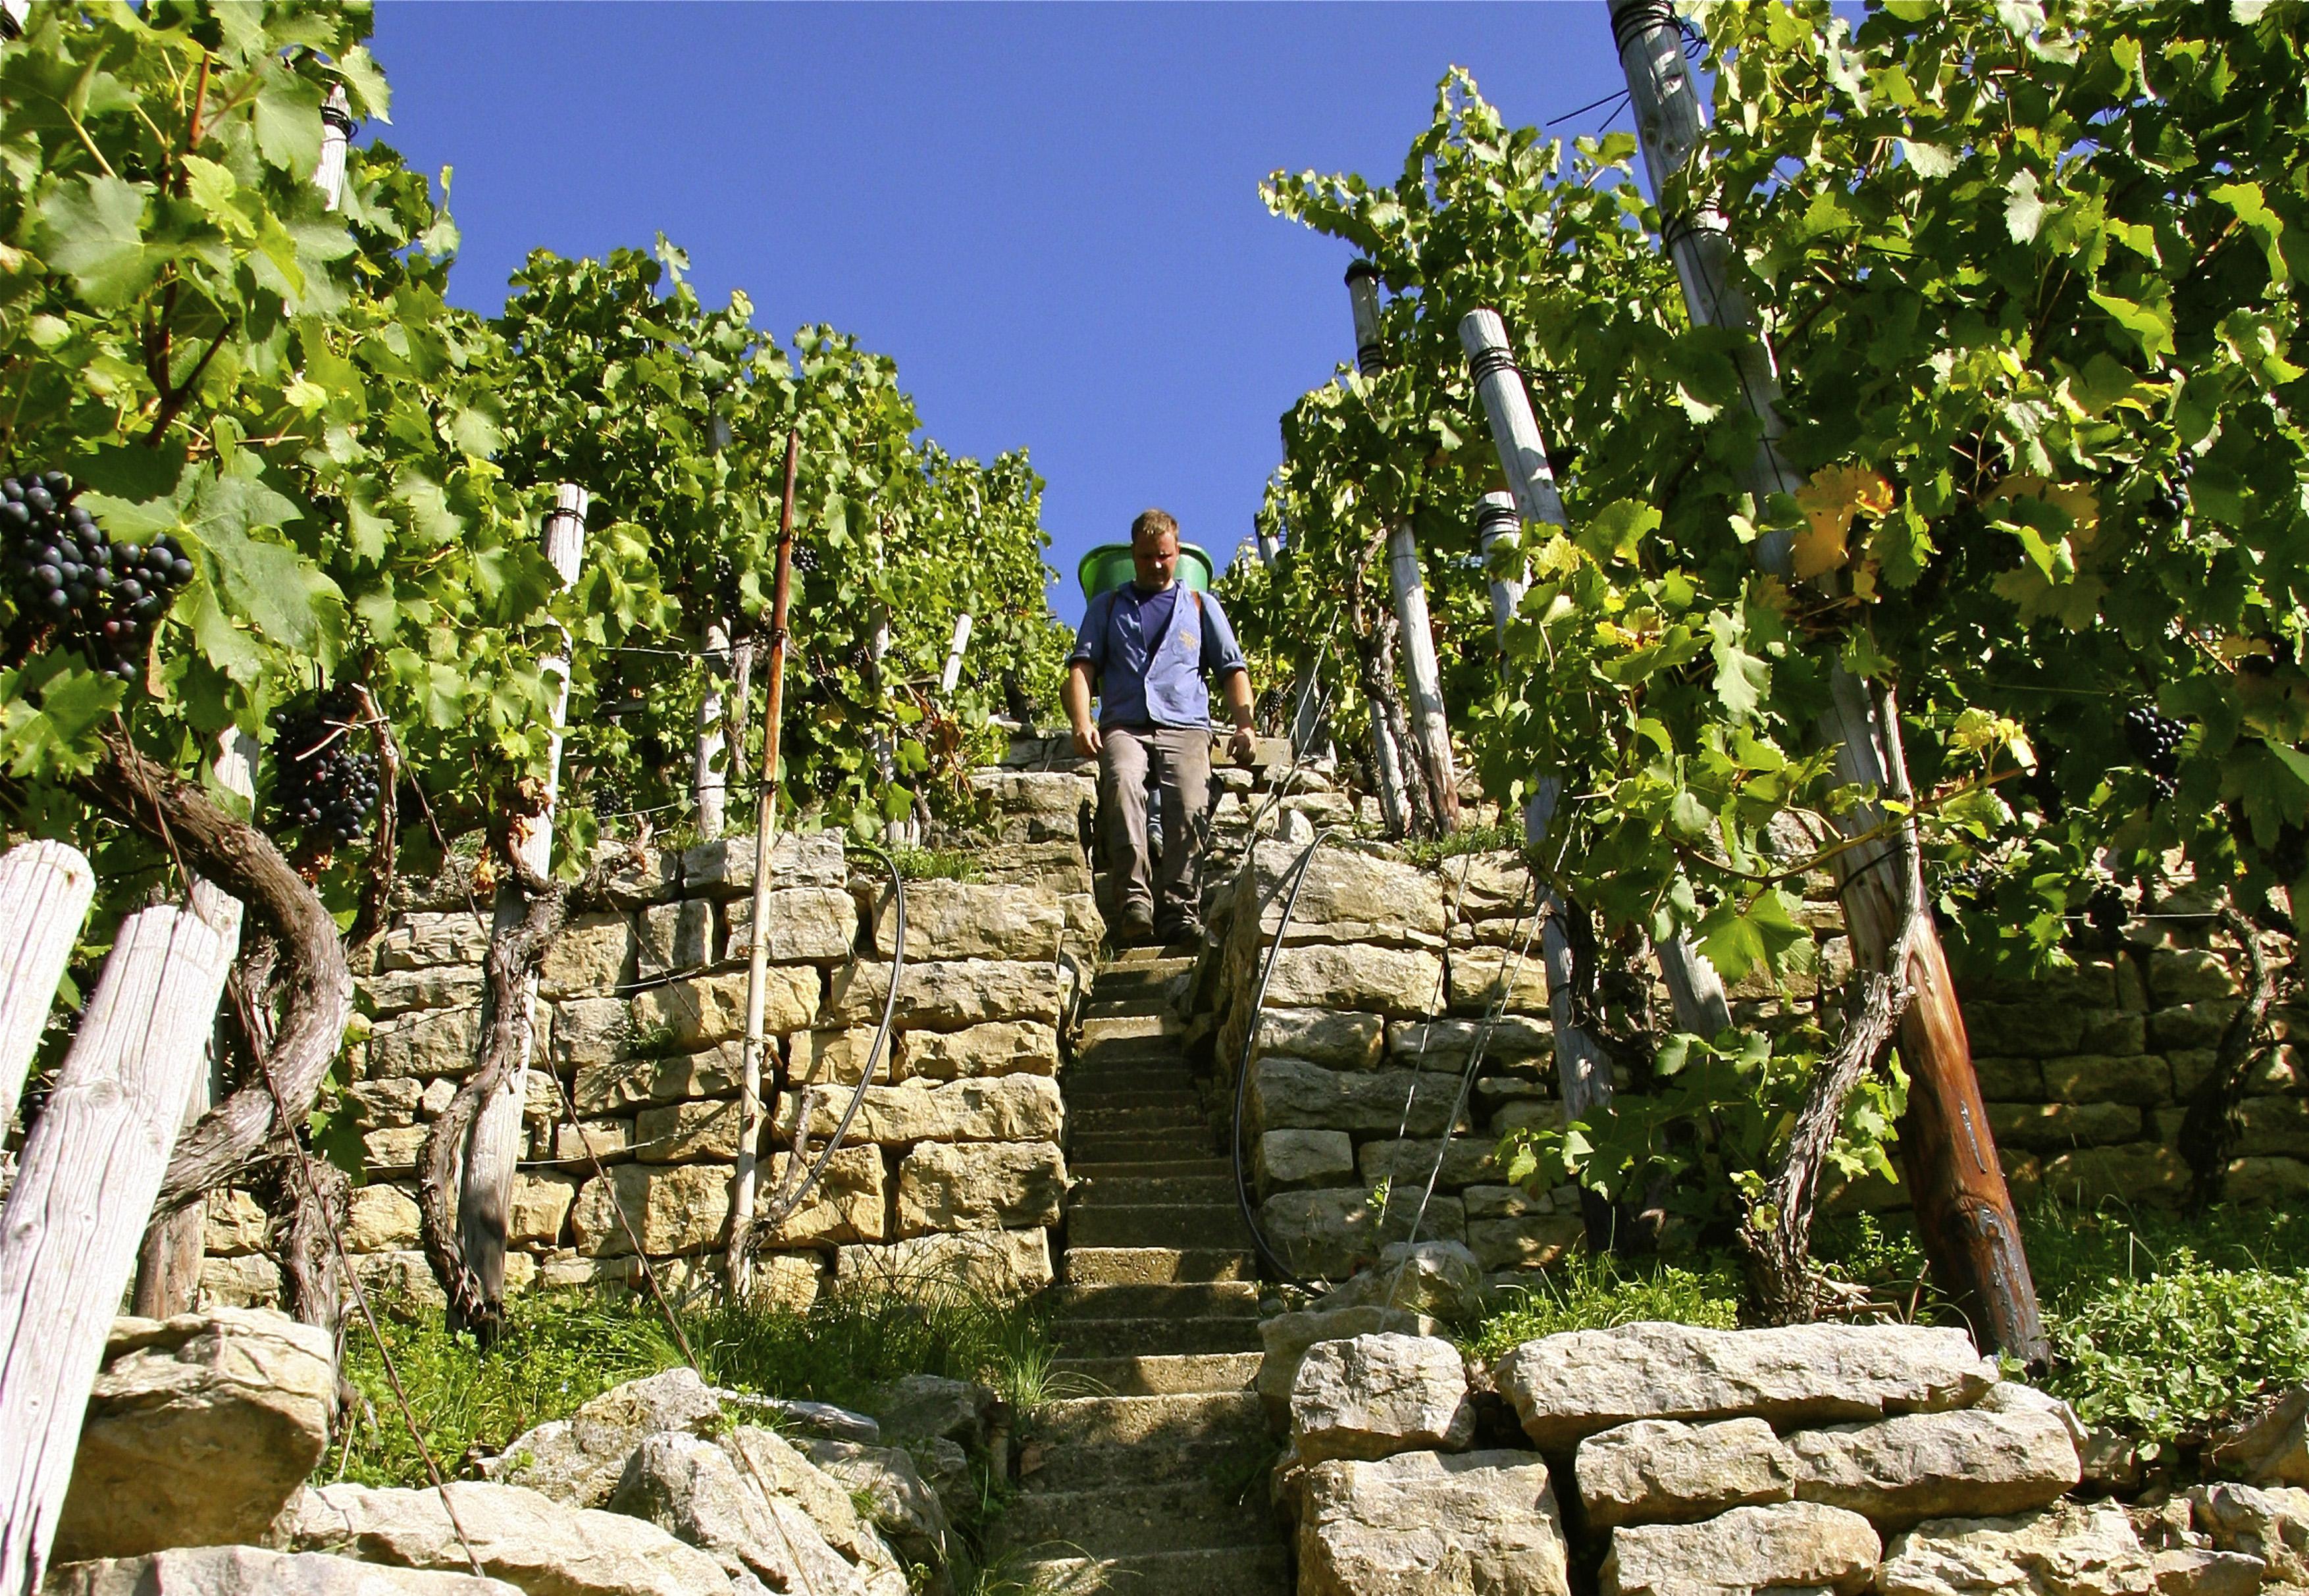 Ein Weingärtner läuft Weinbergstäffele runter